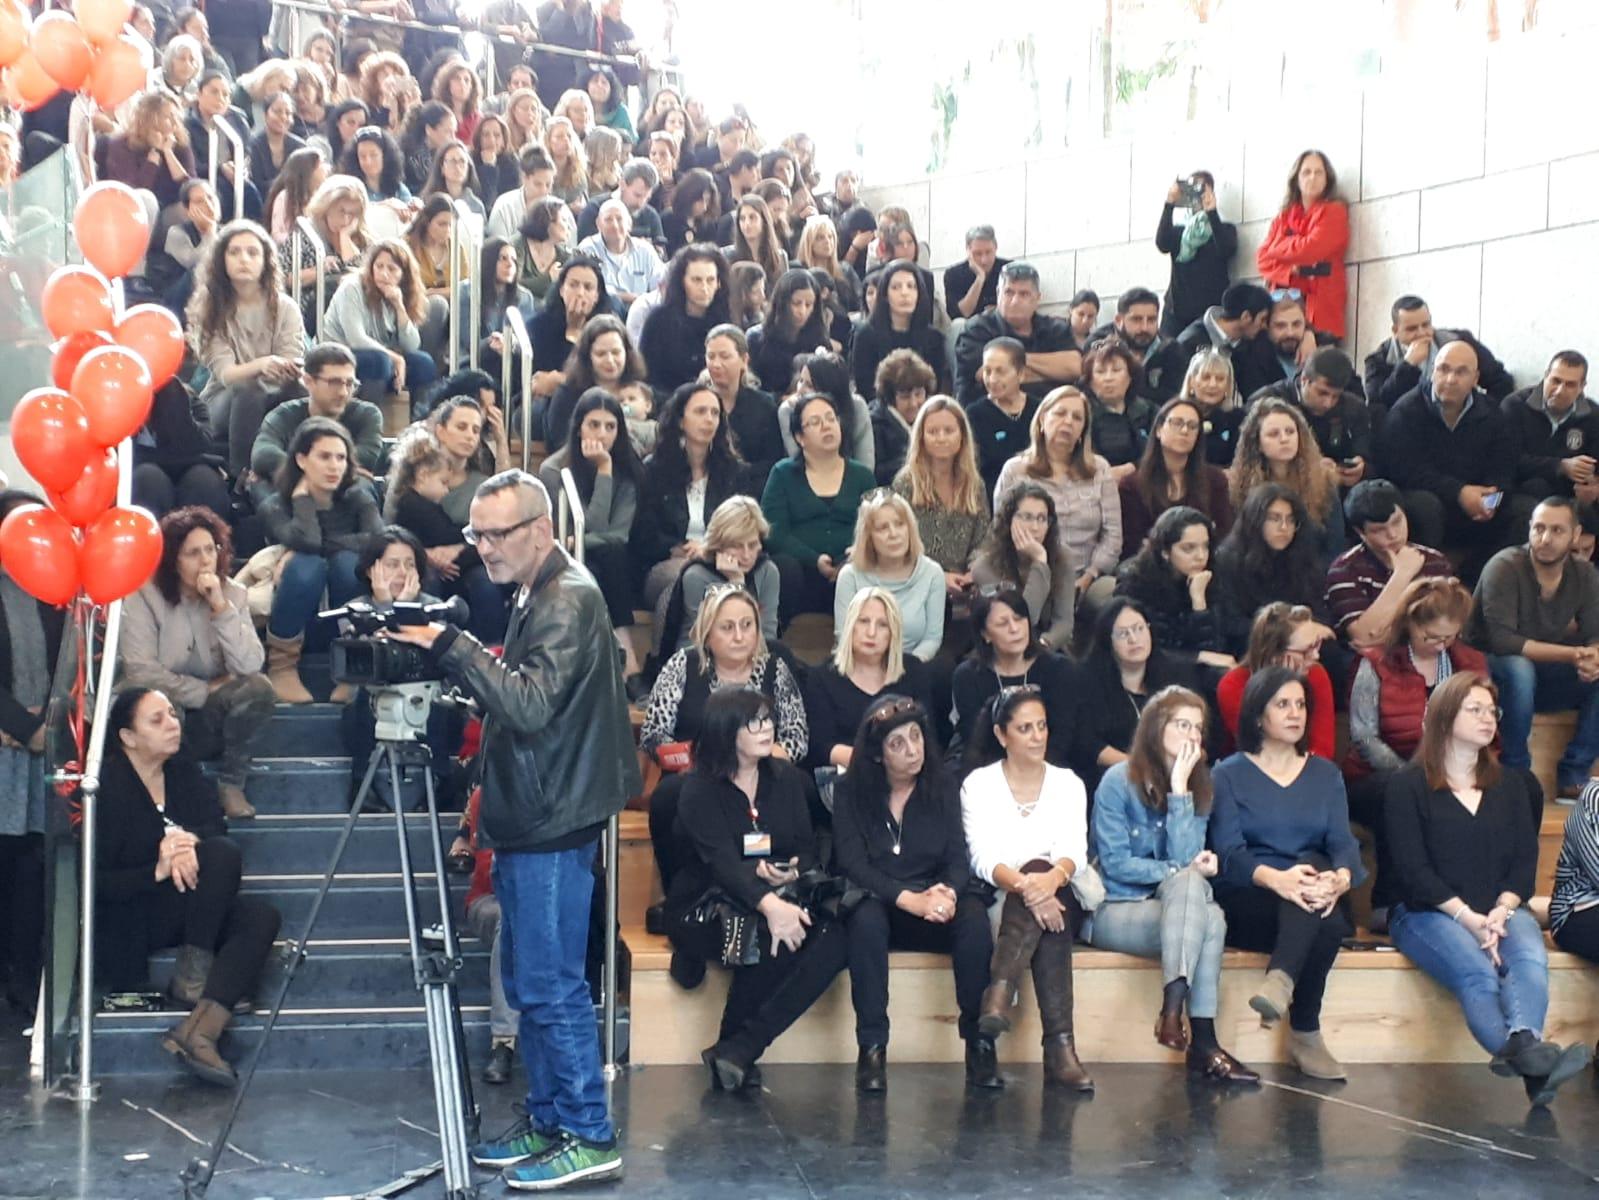 עצרת מחאה בהרצליה די לאלימות כלפי נשים